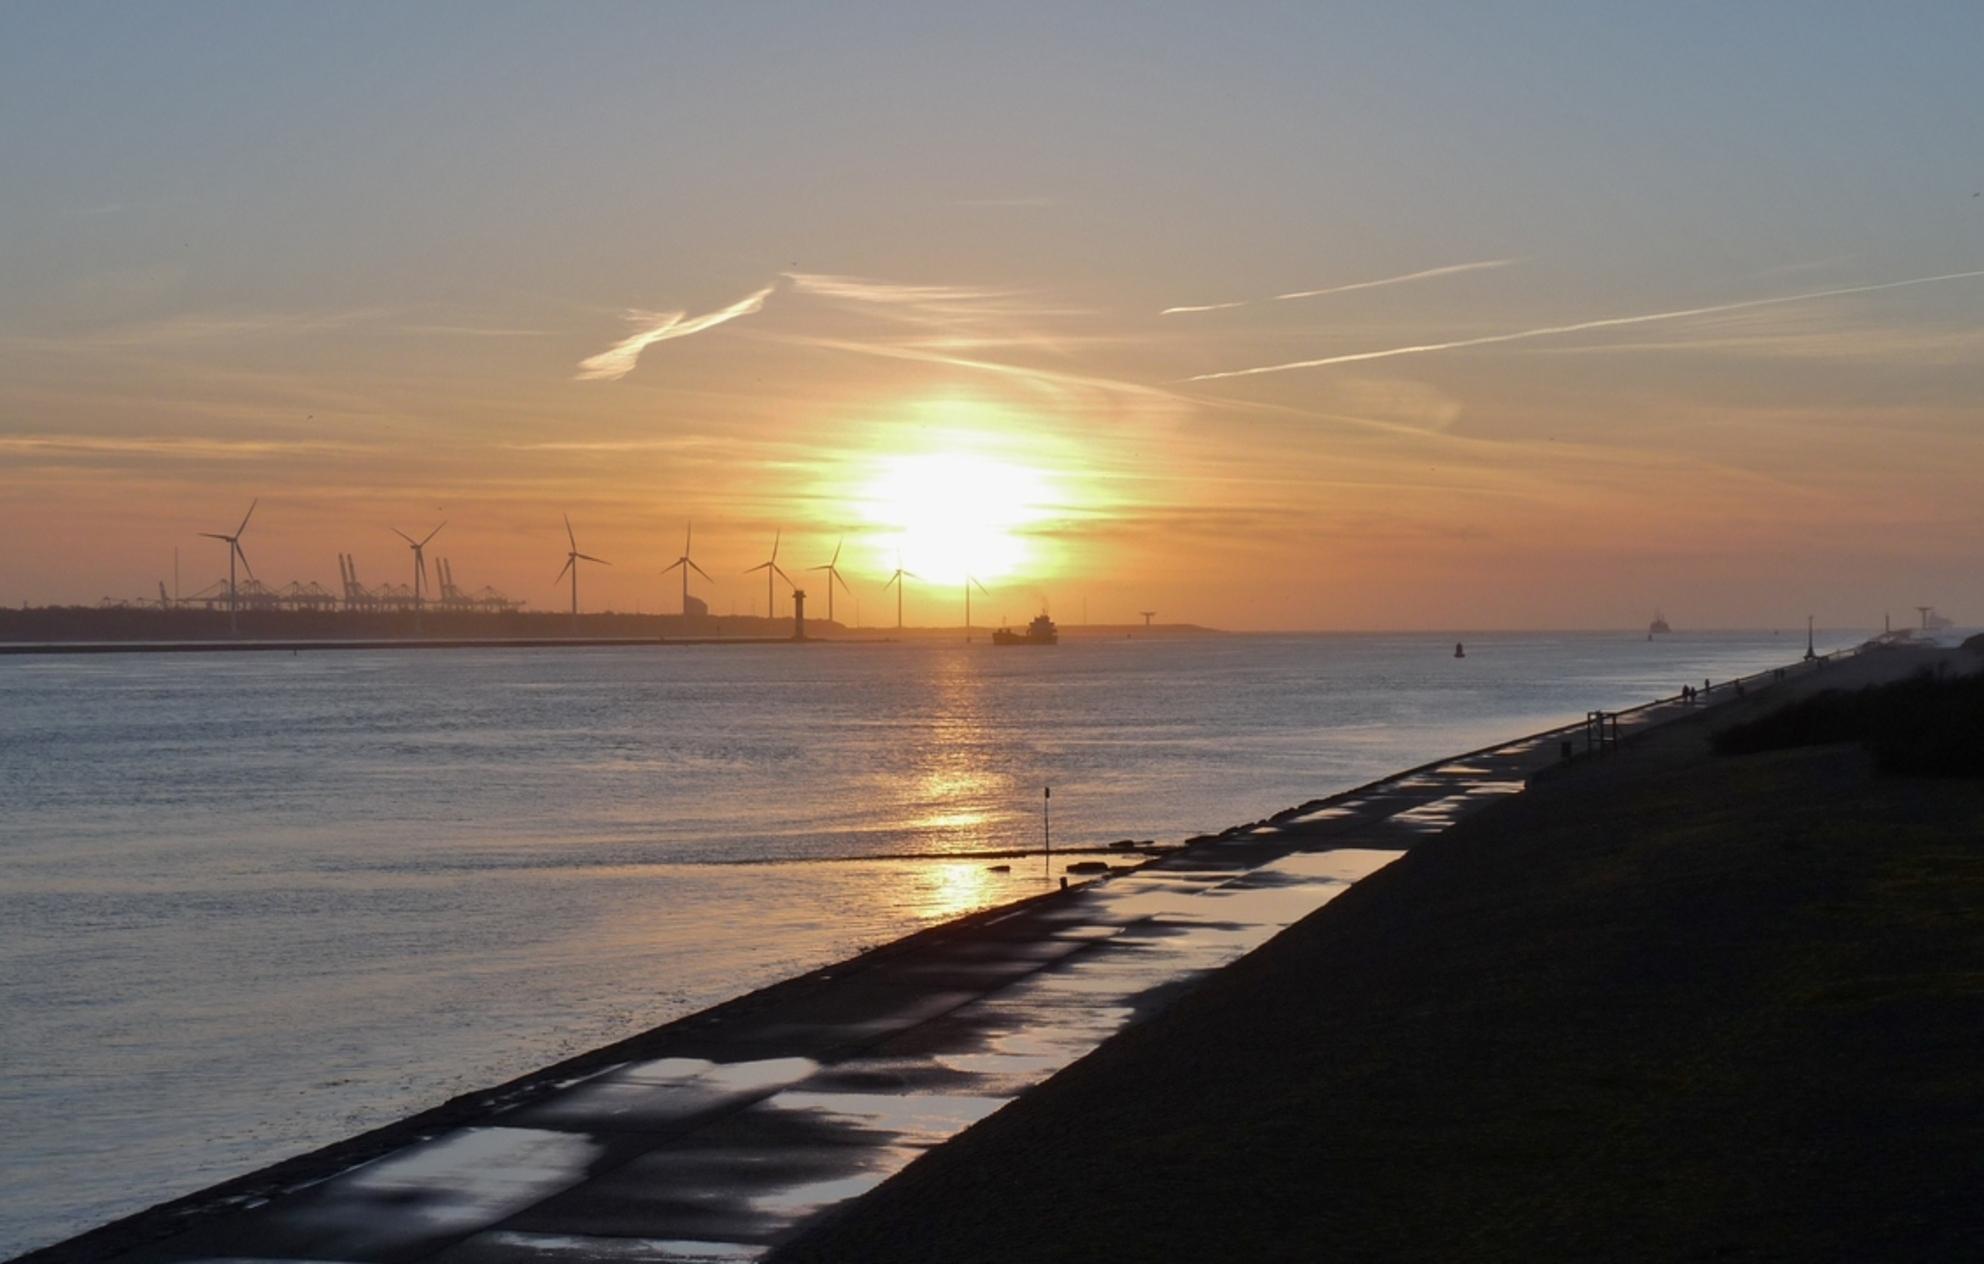 P1380261 Avondsfeer H v Holland Noorderpier 25mrt 2016 - Hallo Zoomers . GROOT kijken en even lezen . Deze avondsfeer compo maakte ik op 25mrt 2016  rond 19.00 uur  vanaf de Tafelbunker  bij de Noorderpier  - foto door jmdries op 28-03-2016 - deze foto bevat: wolken, zee, natuur, zonsondergang, landschap, duinen, pier, nederland - Deze foto mag gebruikt worden in een Zoom.nl publicatie